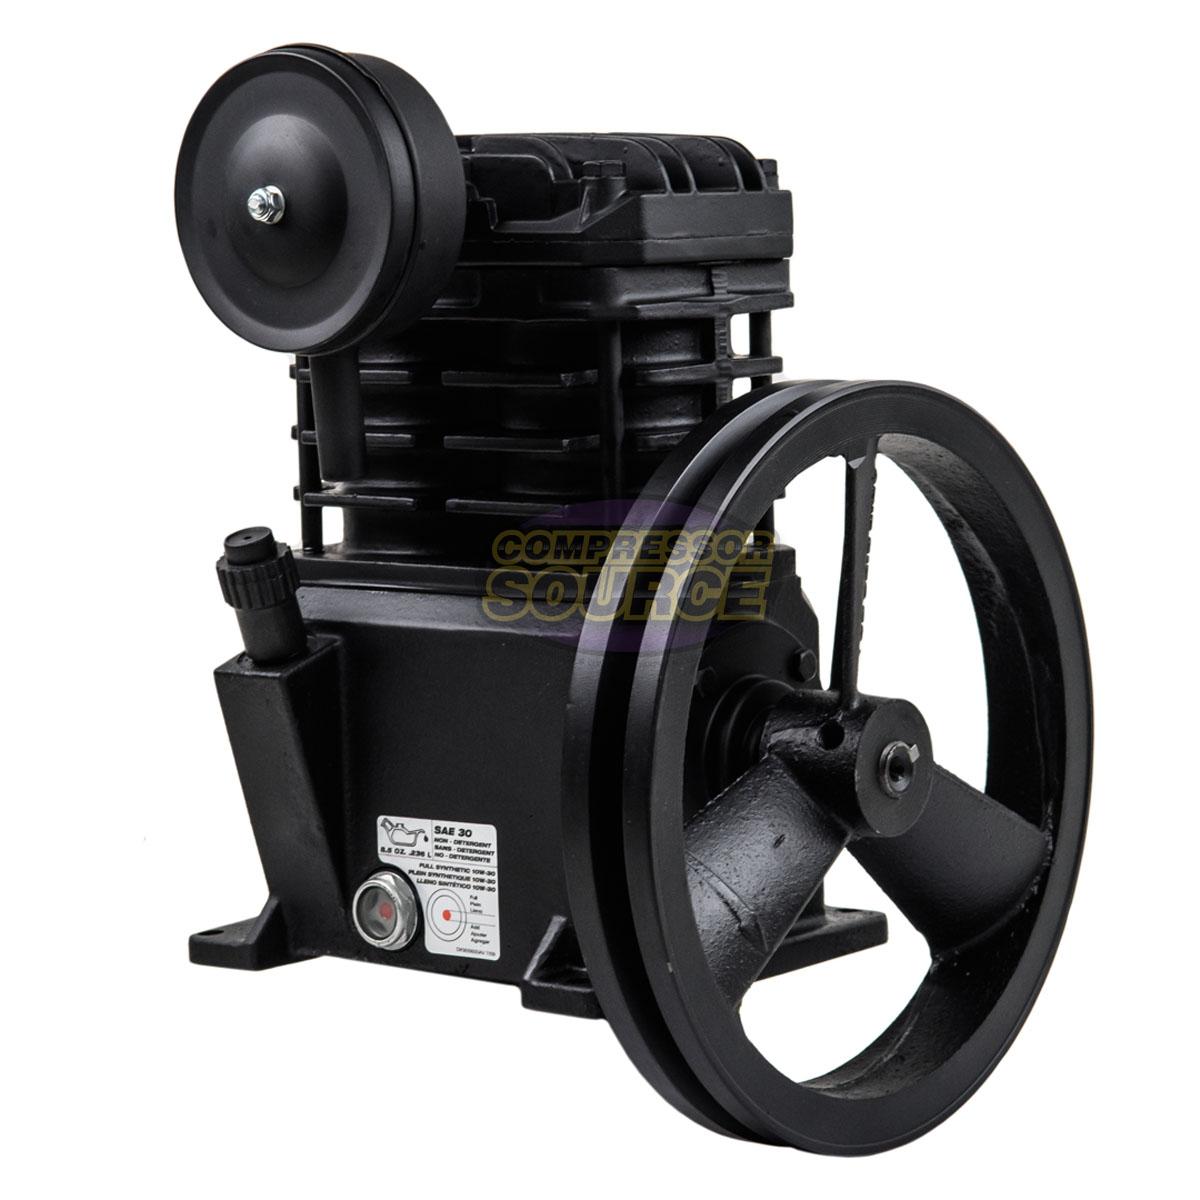 Replacement Air Compressor Pump >> Details About 2hp Replacement Air Compressor Pump For Campbell Hausfeld Vt4823 Cast Iron